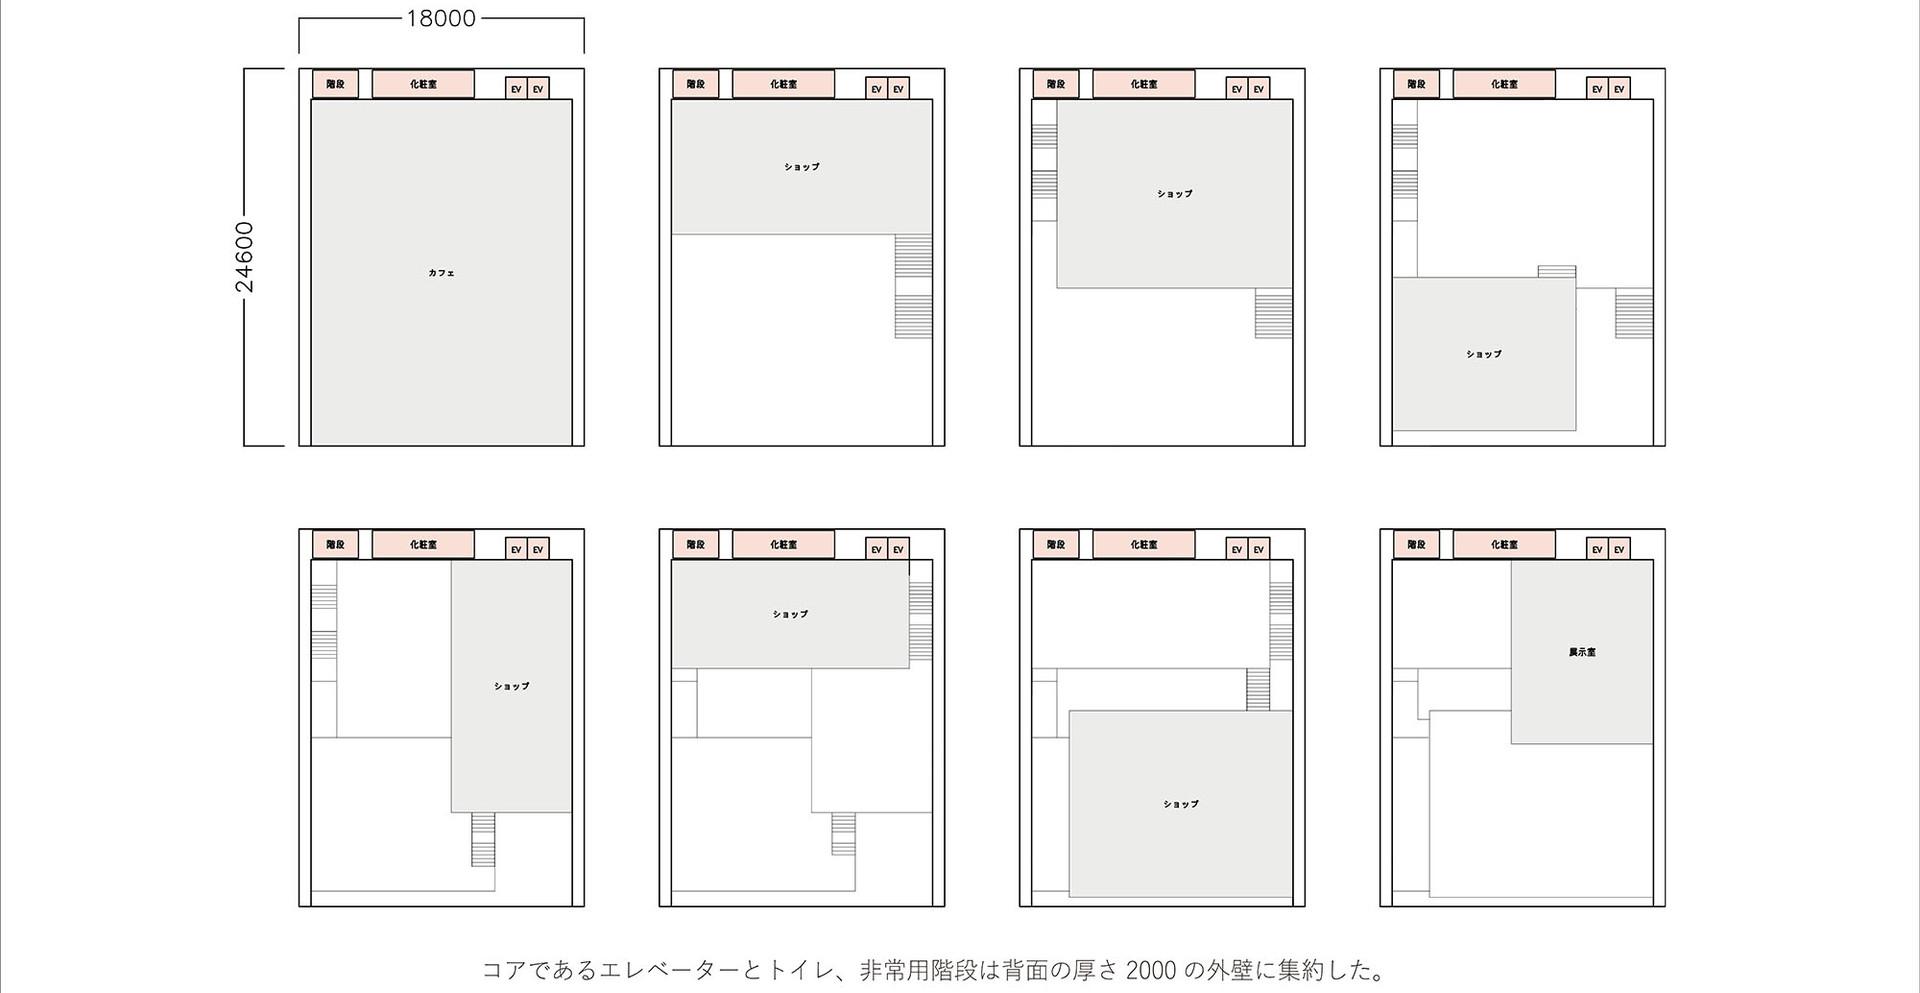 早川あいか_09.jpg